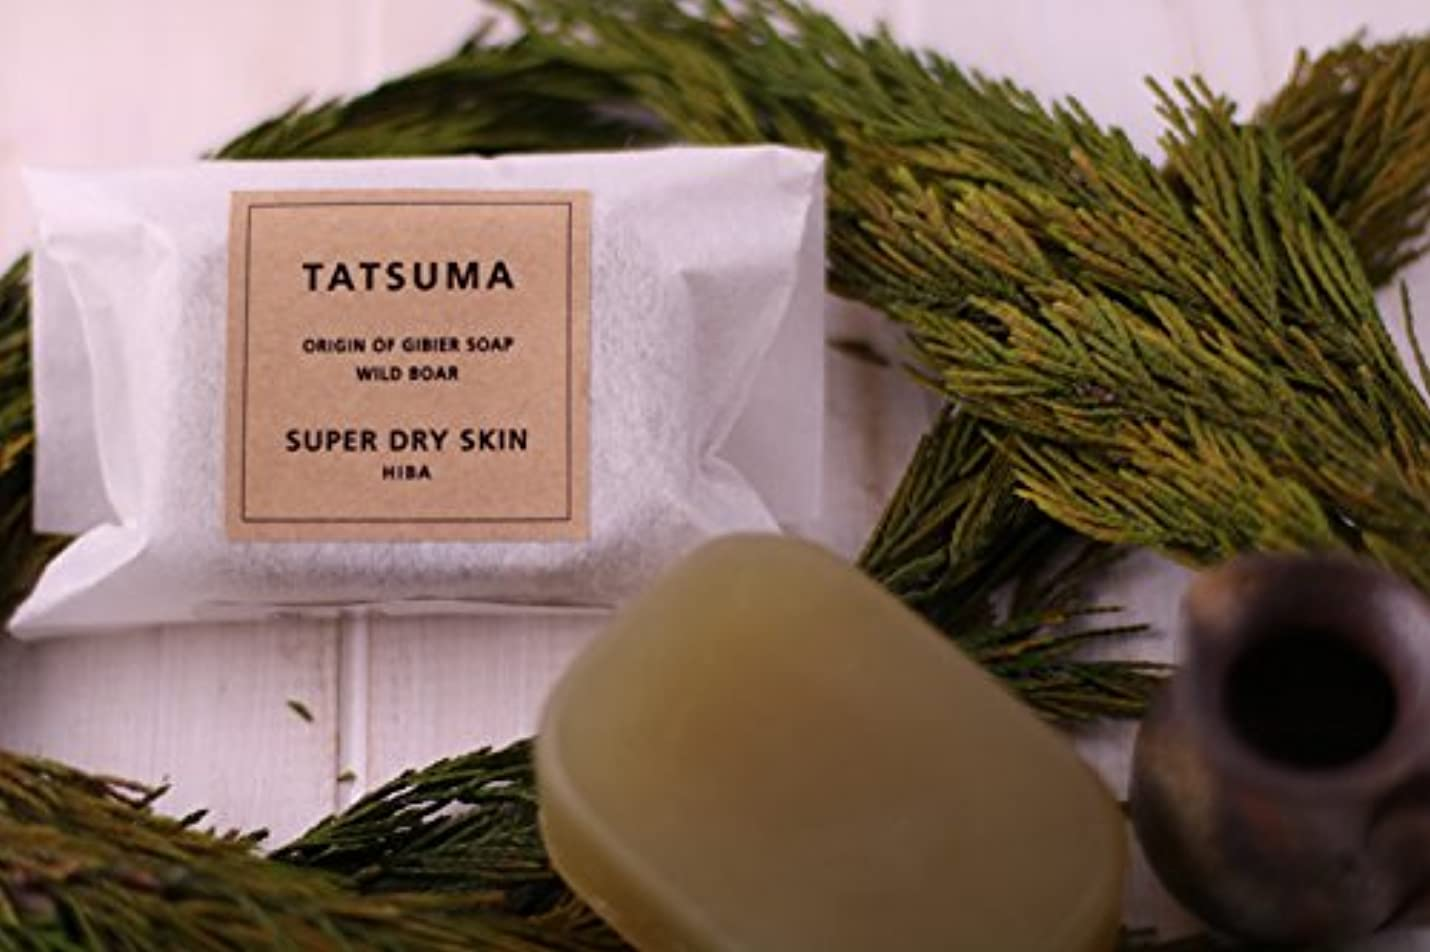 剛性南西フォーラム化粧石鹸(IC-4) 枠練り/釜焚き製法 | TATSUMA SUPER SuperDRY SKIN HIBA